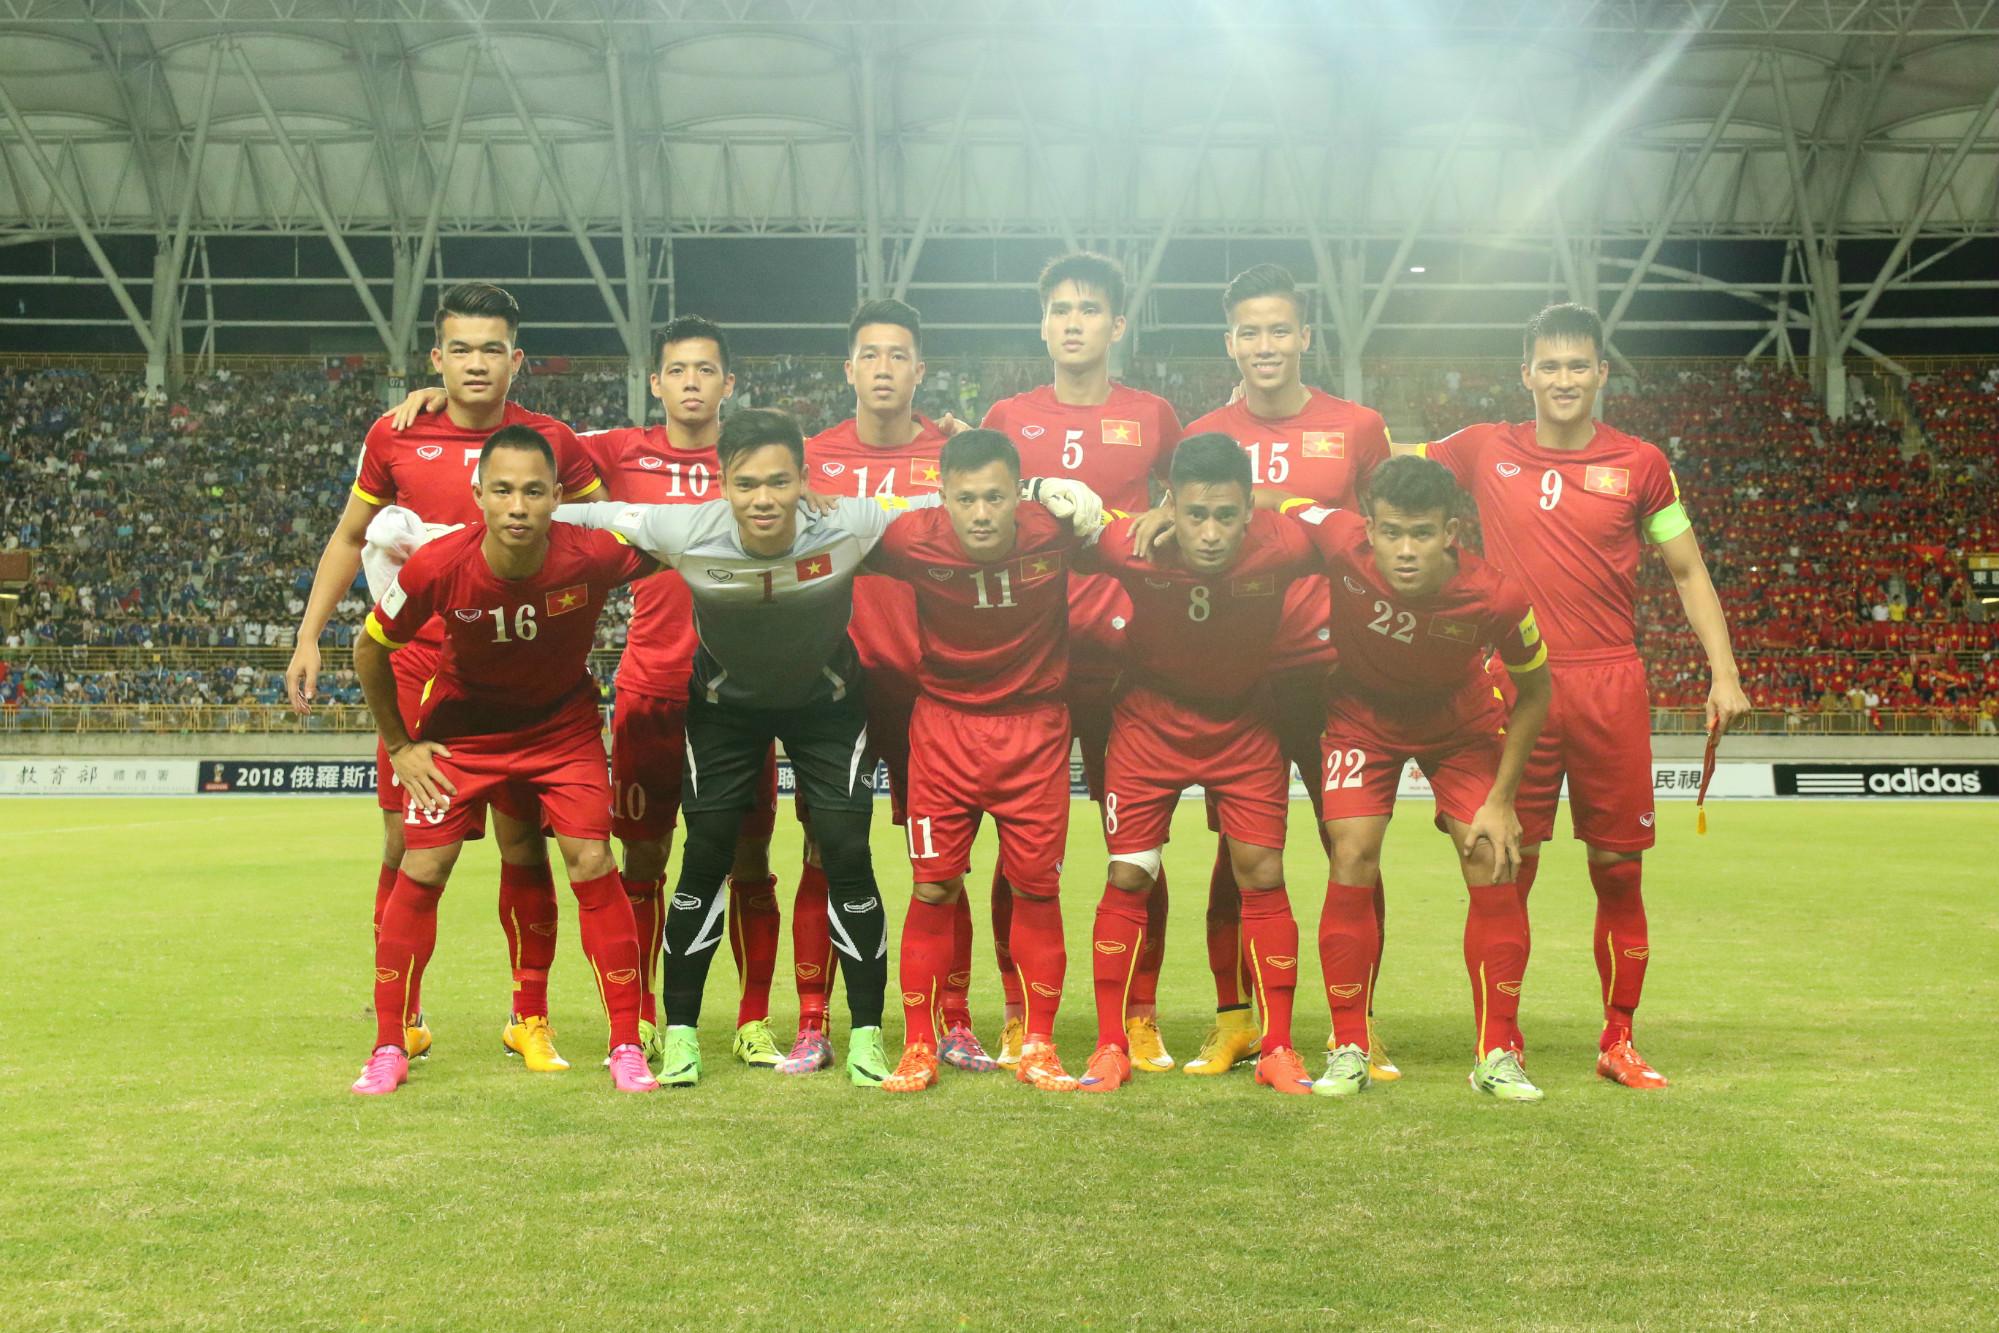 Evolable Asiaは今夏ベトナムサッカー代表(VFF)のスポンサー契約を結びました。